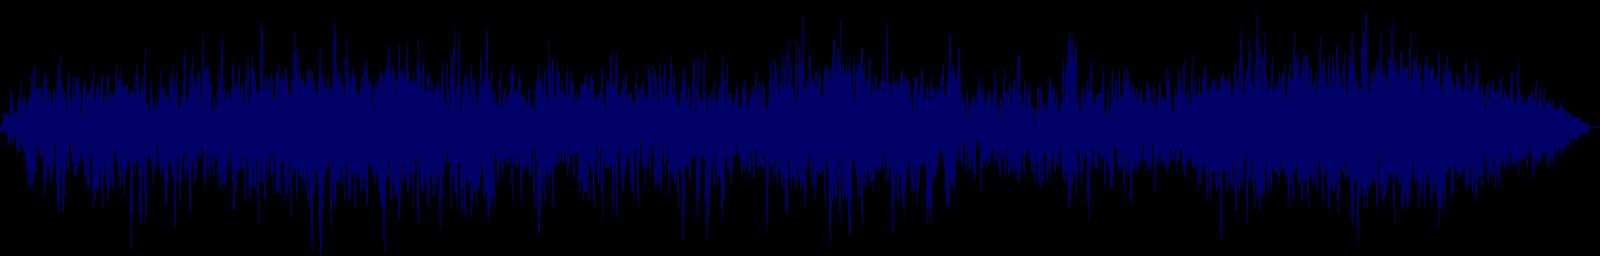 waveform of track #151604